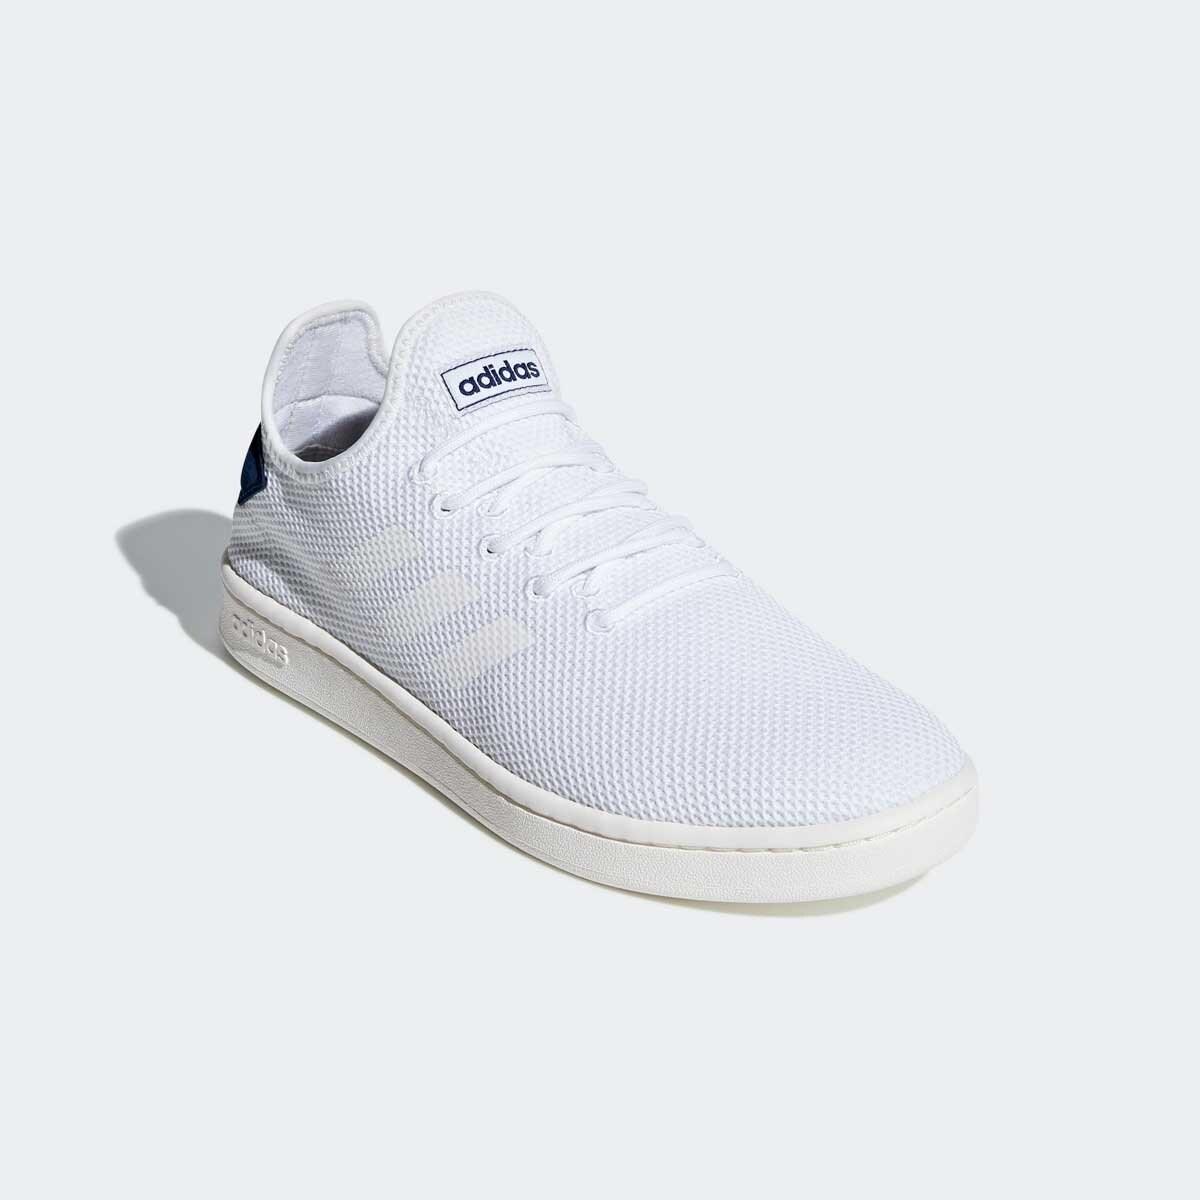 Tenis Casual Court Adapt Blanco Adidas - Caballero